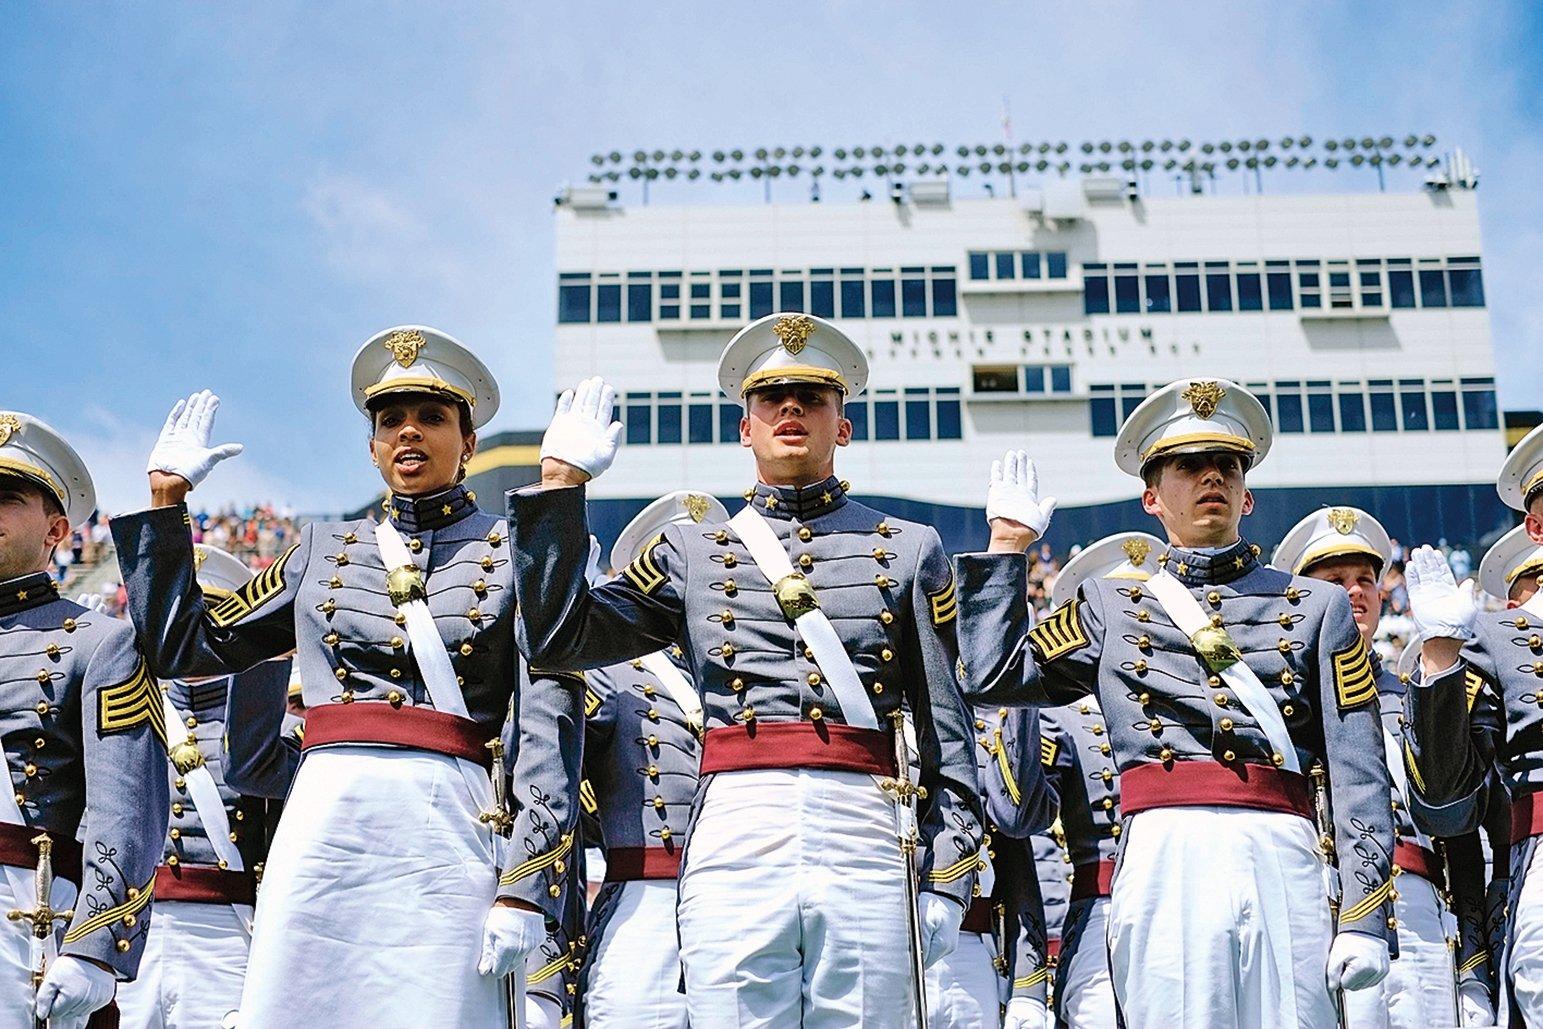 進入美國的某些軍事學院競爭極為激烈。圖為西點軍校的畢業典禮。(Getty Images)